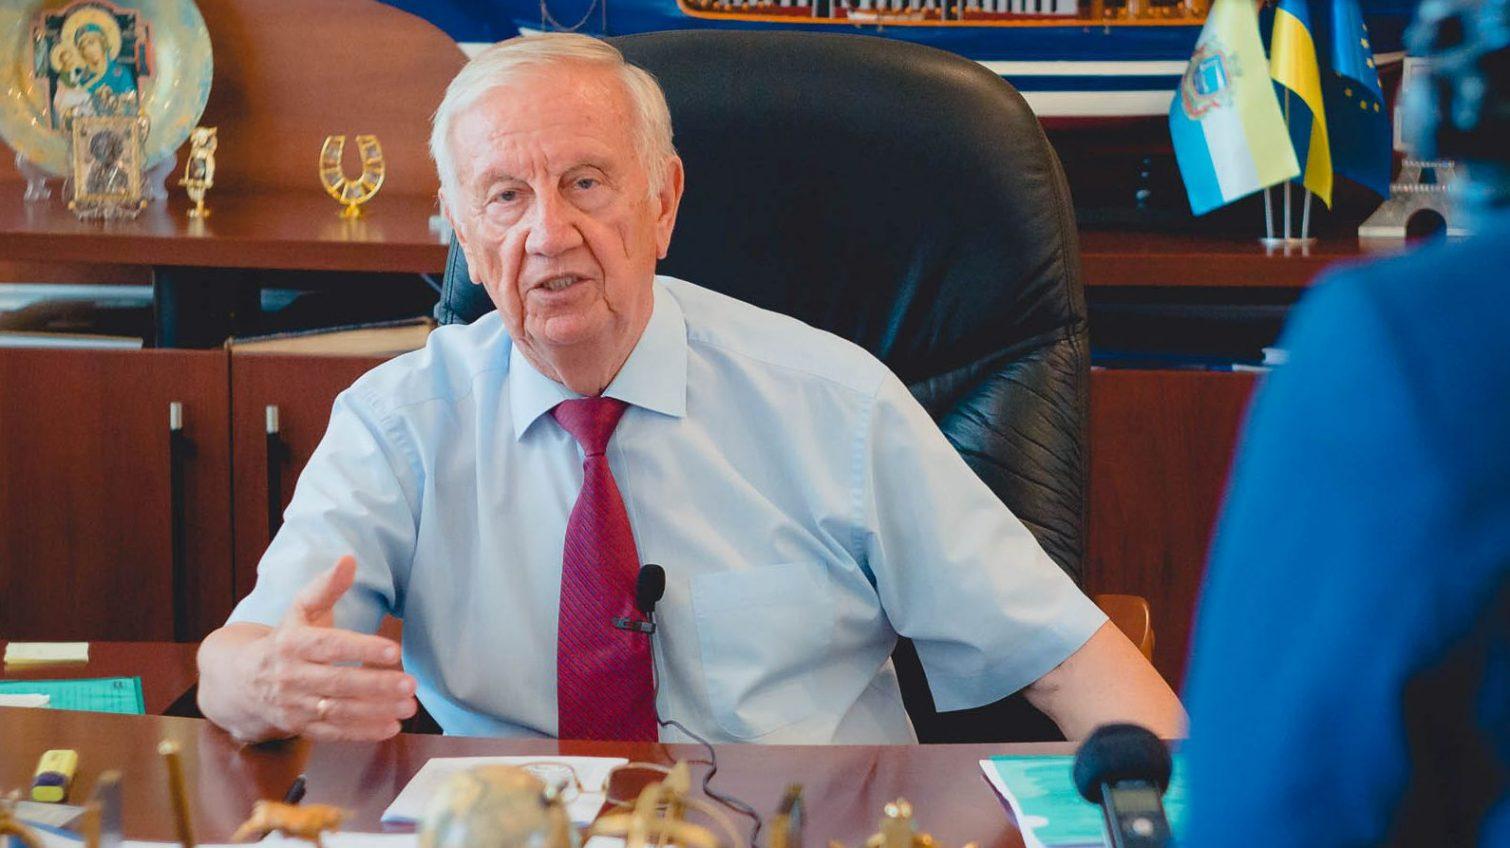 Шестикратный мэр Черноморска больше не идет на выборы «фото»